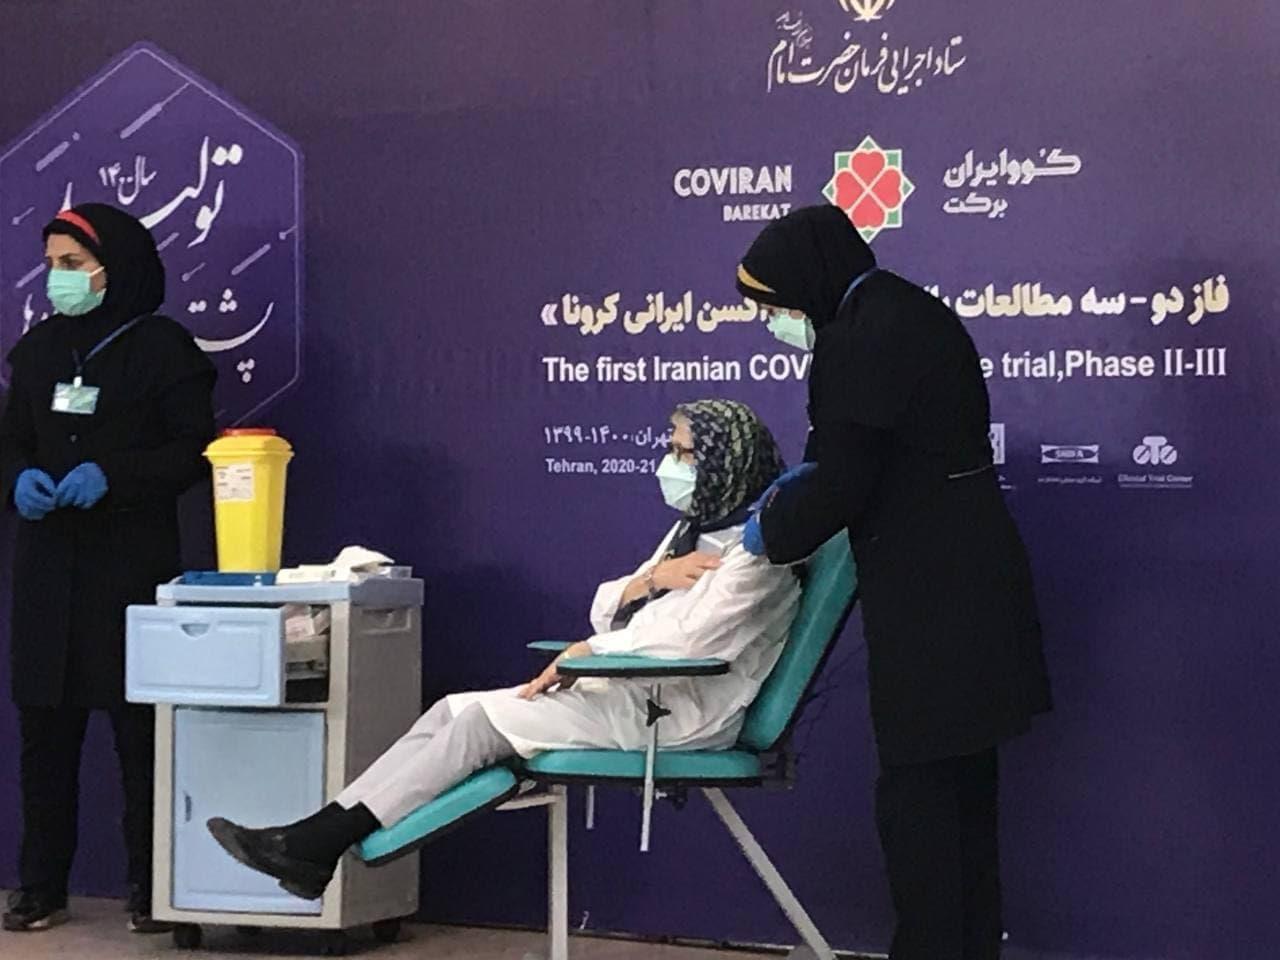 لحظه تزریق واکسن کرونای برکت به «مینو محرز» / عکس